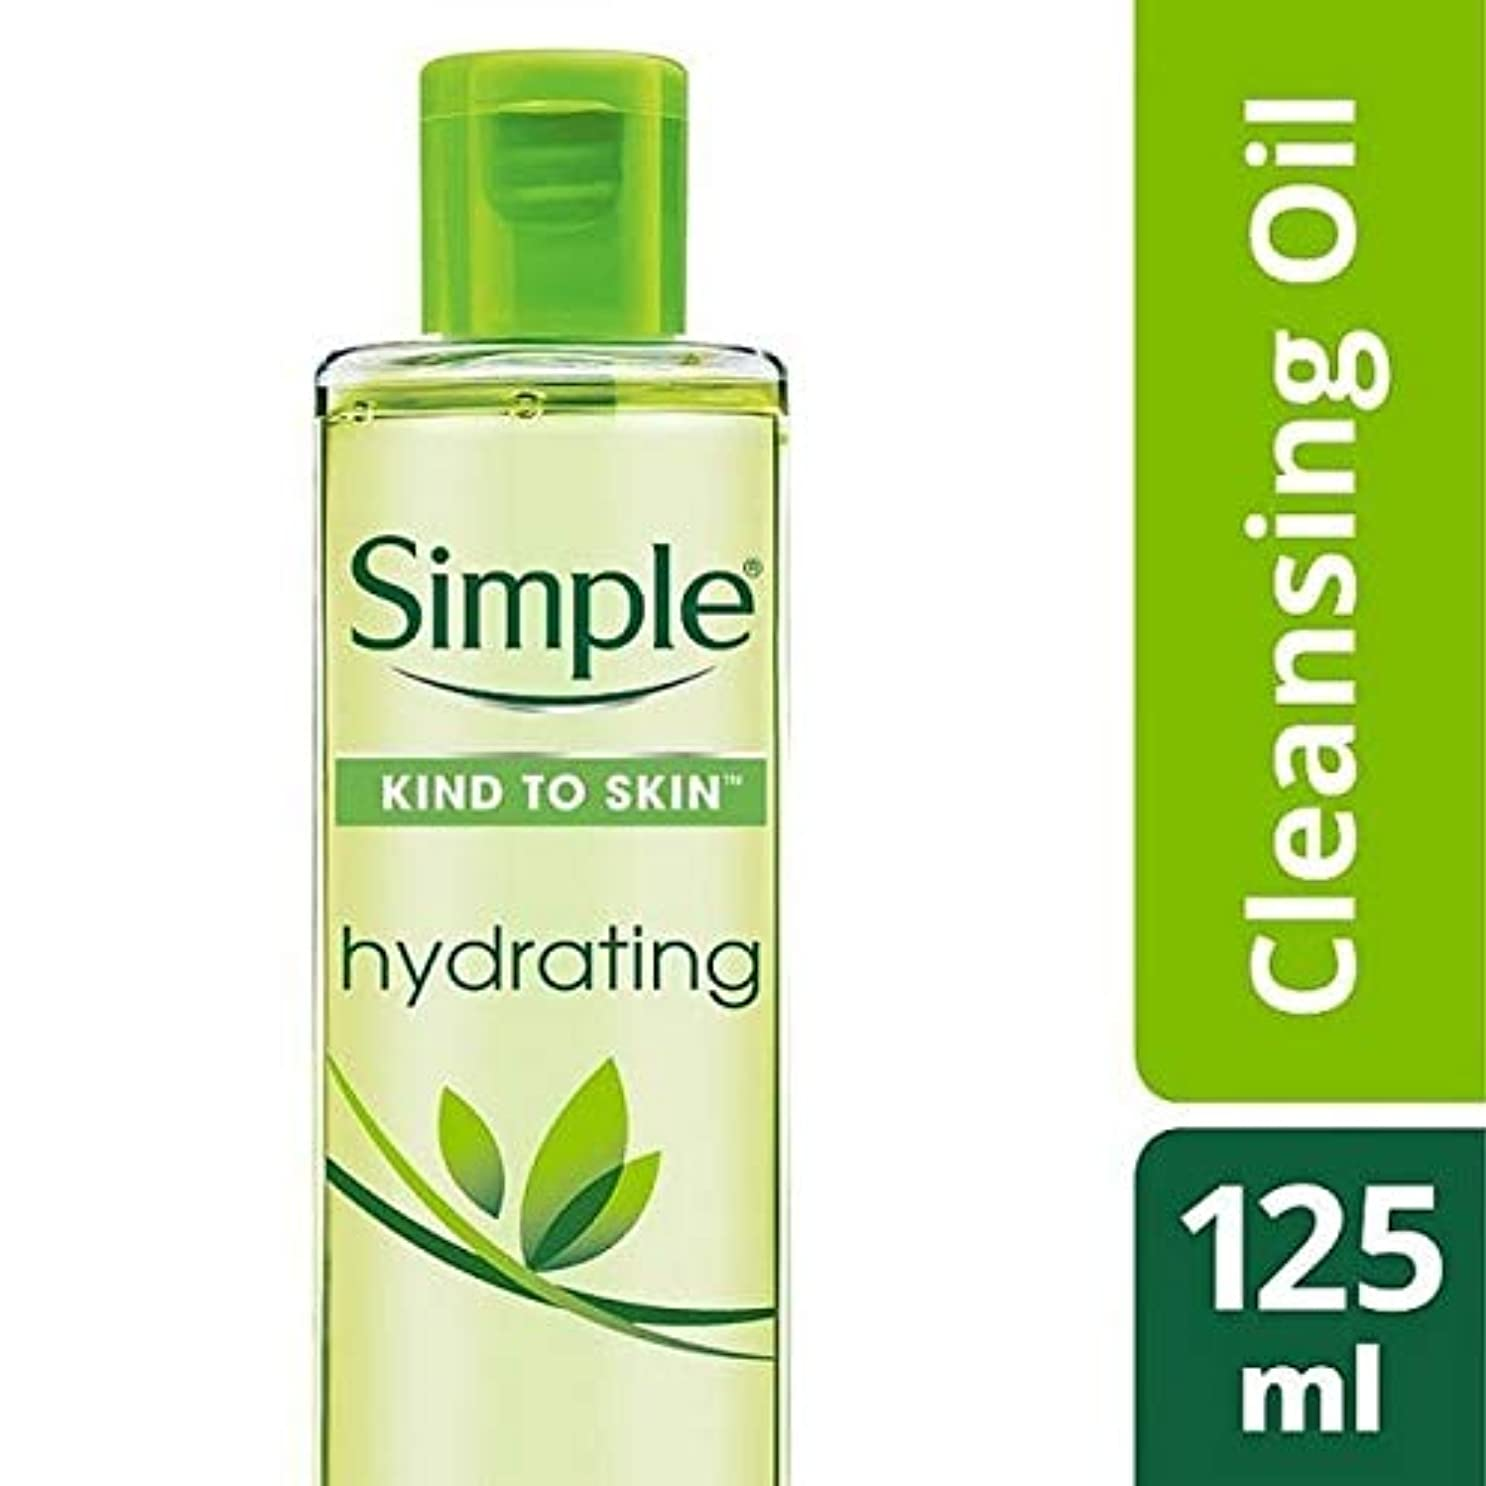 ネックレス欠員またはどちらか[Simple ] 皮膚の水和クレンジングオイル125ミリリットルに、単純な種類 - Simple Kind To Skin Hydrating Cleansing Oil 125ml [並行輸入品]